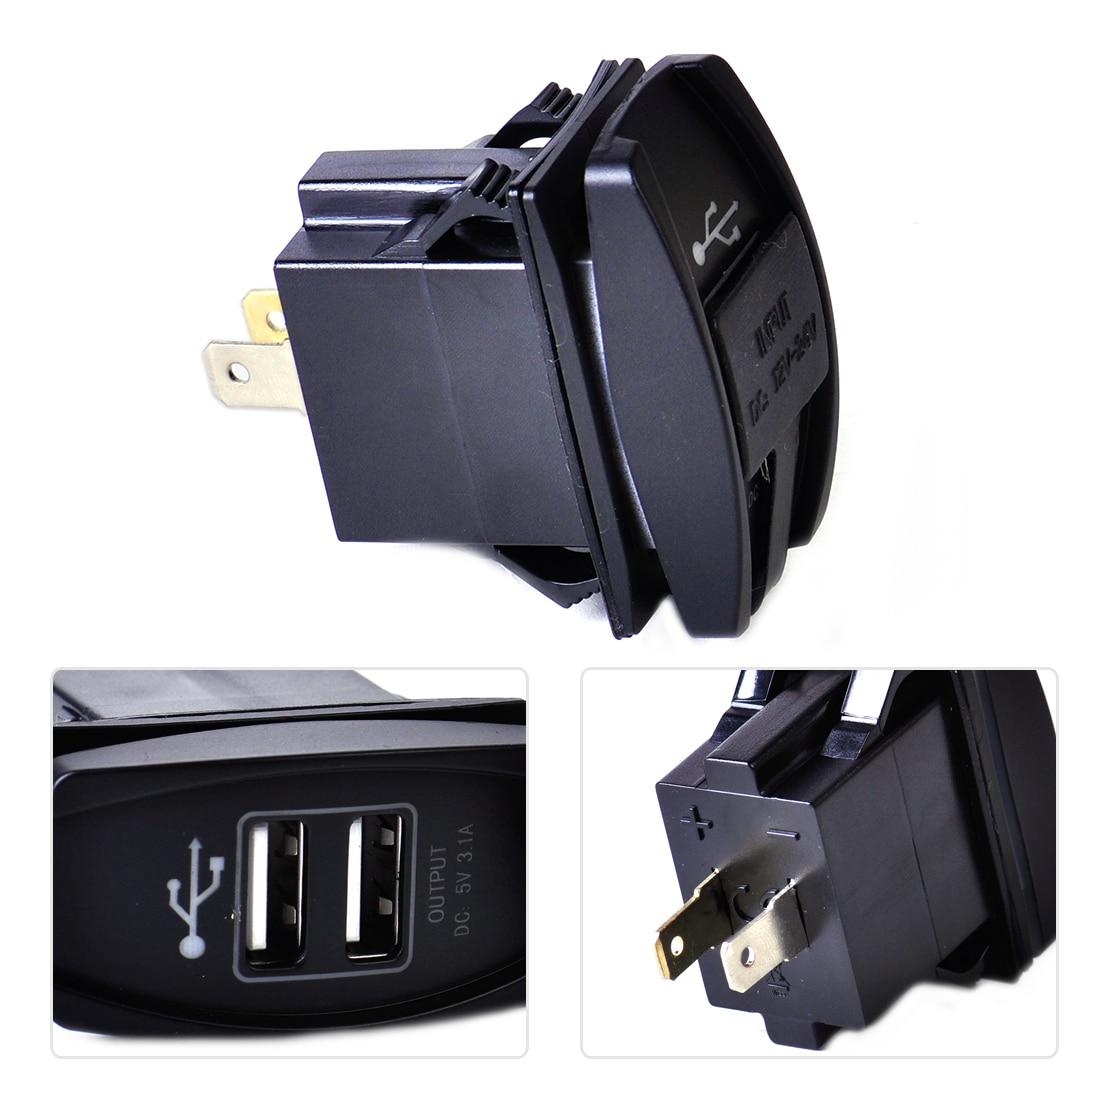 Beler impermeable azul LED 12-24V 3.1A Dual USB cargador de fuente de alimentación Puerto hembra de coche de la motocicleta para VW, Audi, Ford Toyota Kia BMW